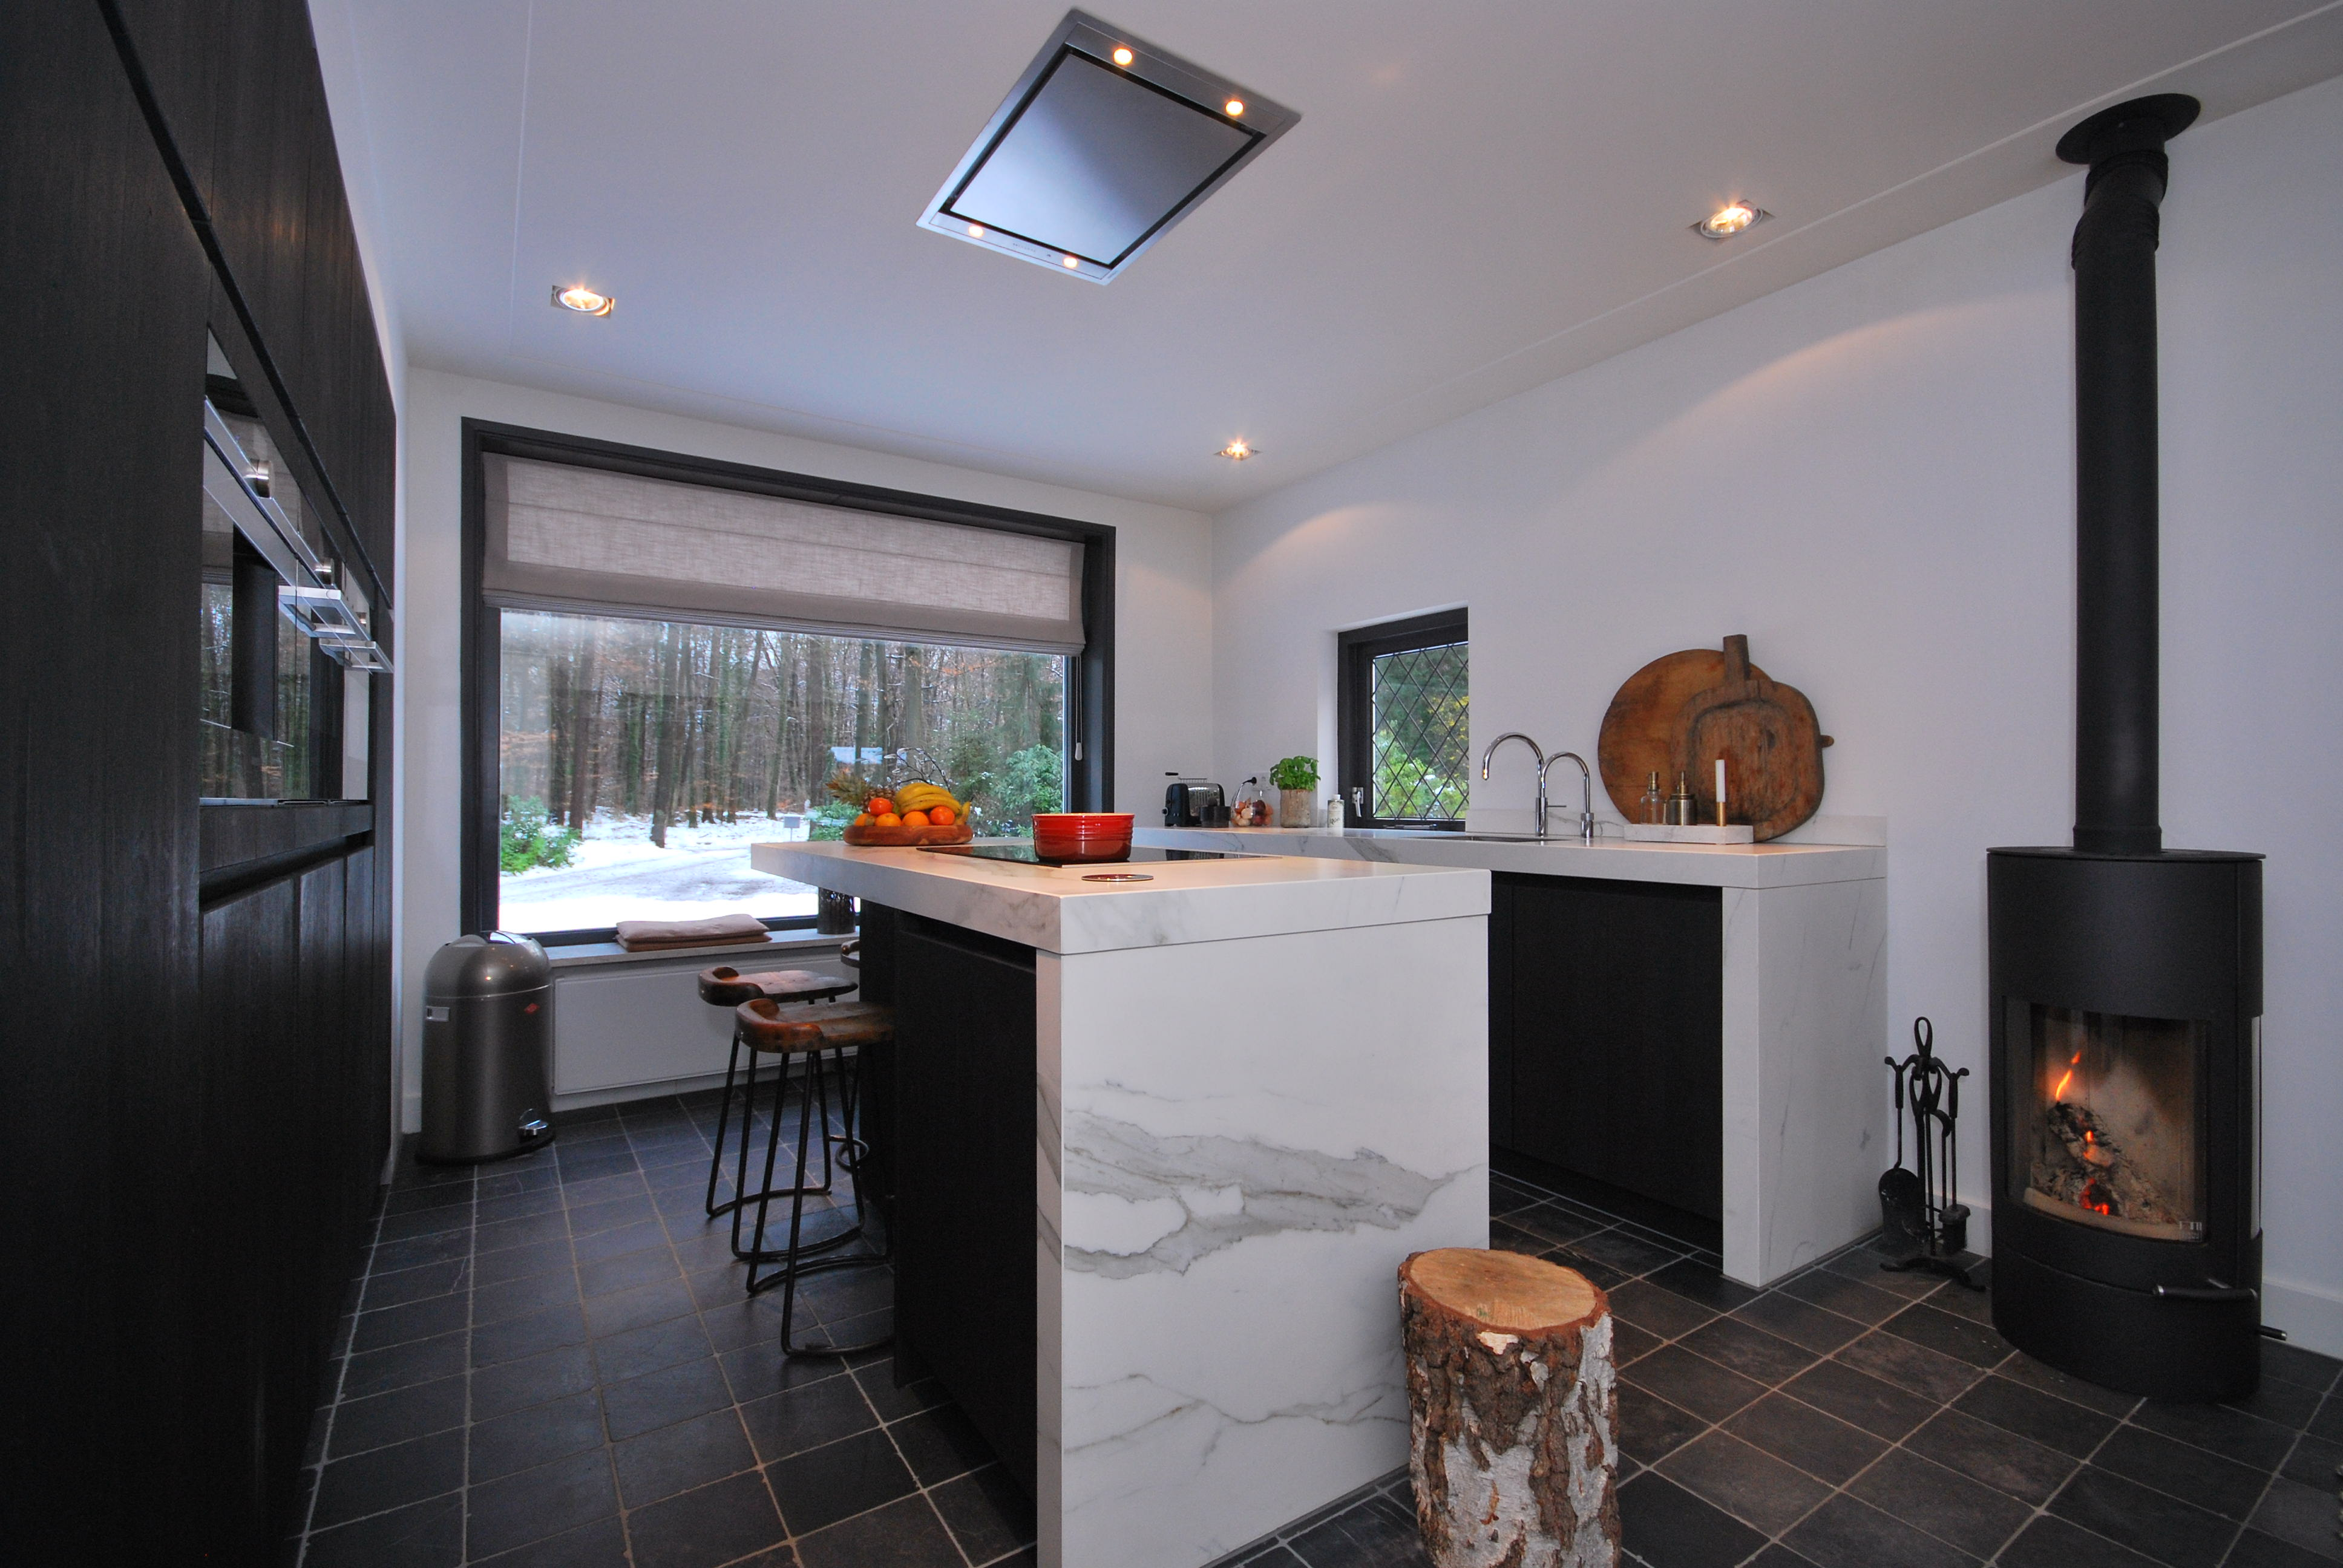 Keuken Badkamer Mijdrecht : Keukenhof keukens badkamers haarden